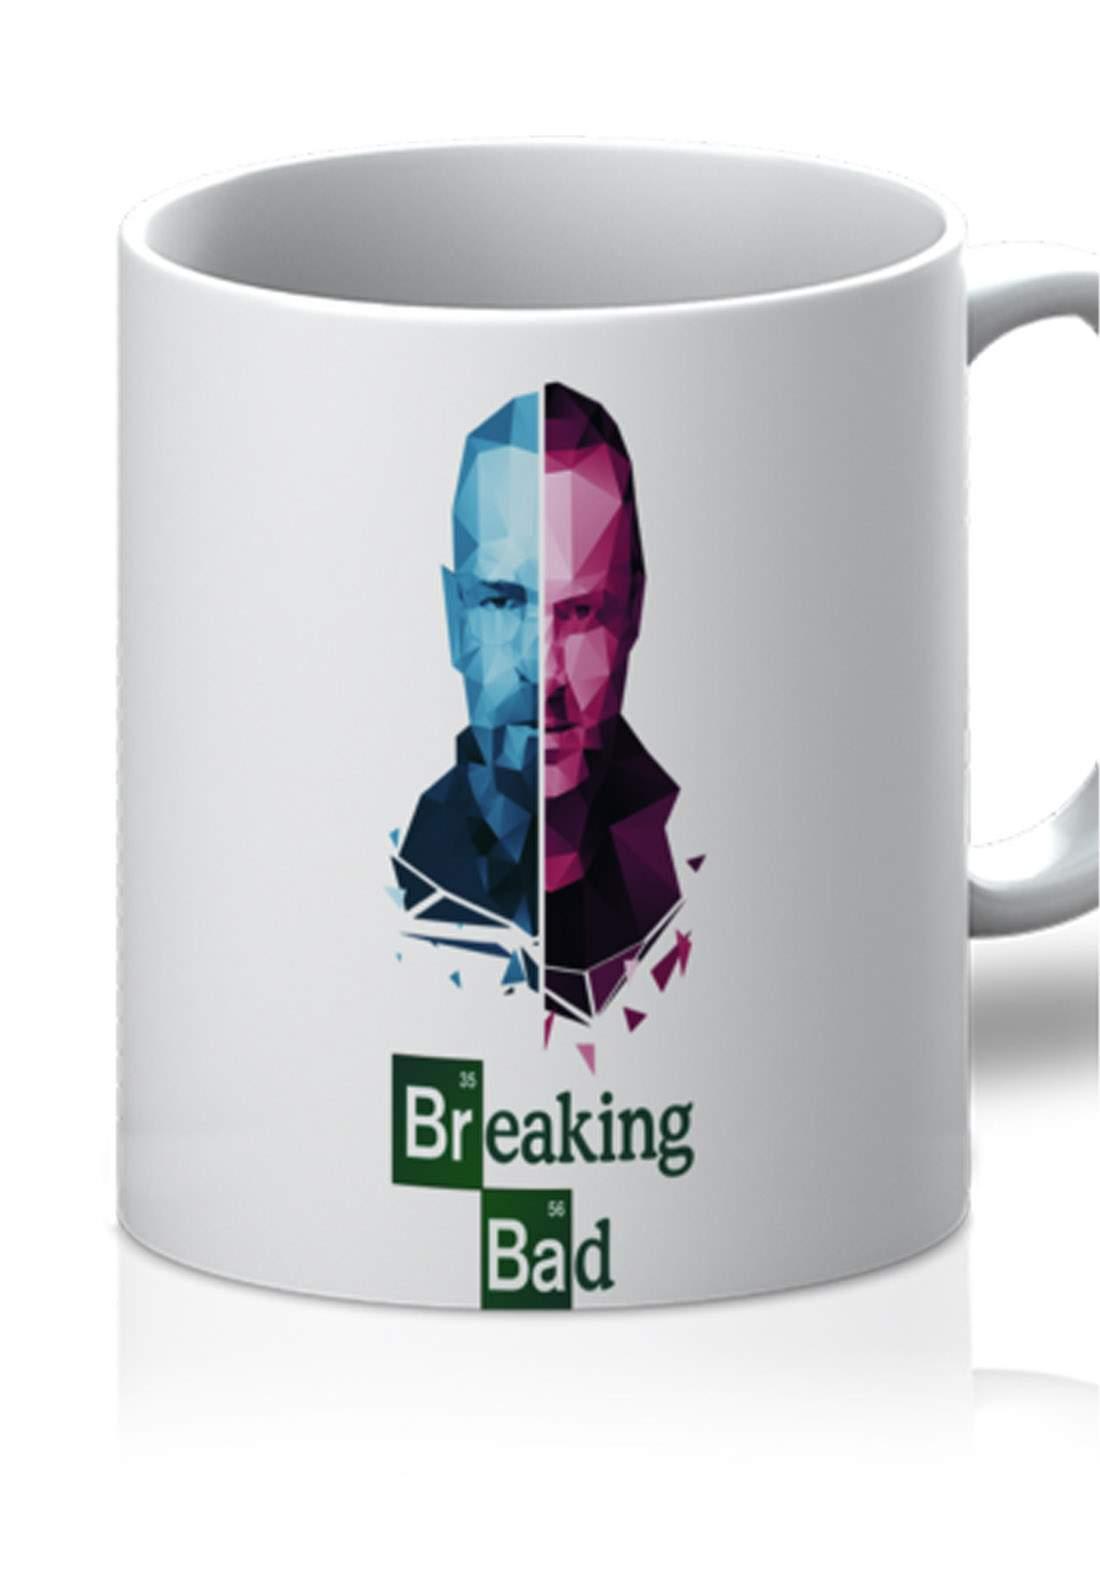 كوب بتصميم Breaking Bad